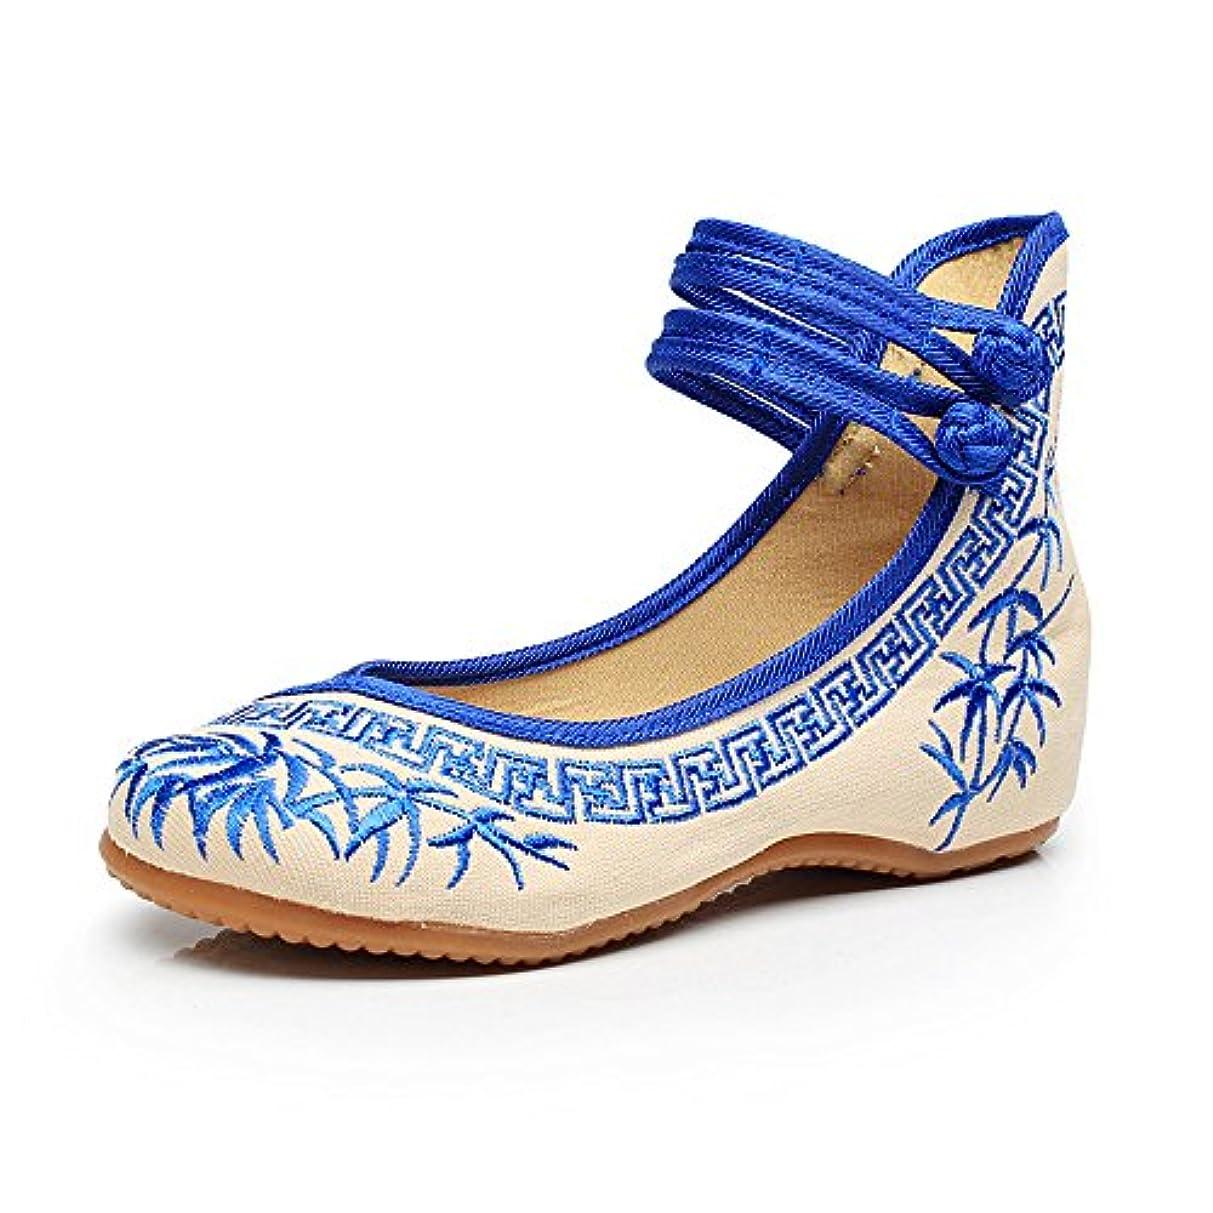 改善する計算凶暴な[Fanwer] 竹刺繍女性の靴中国のカジュアルなフラットソールメアリーJanes靴